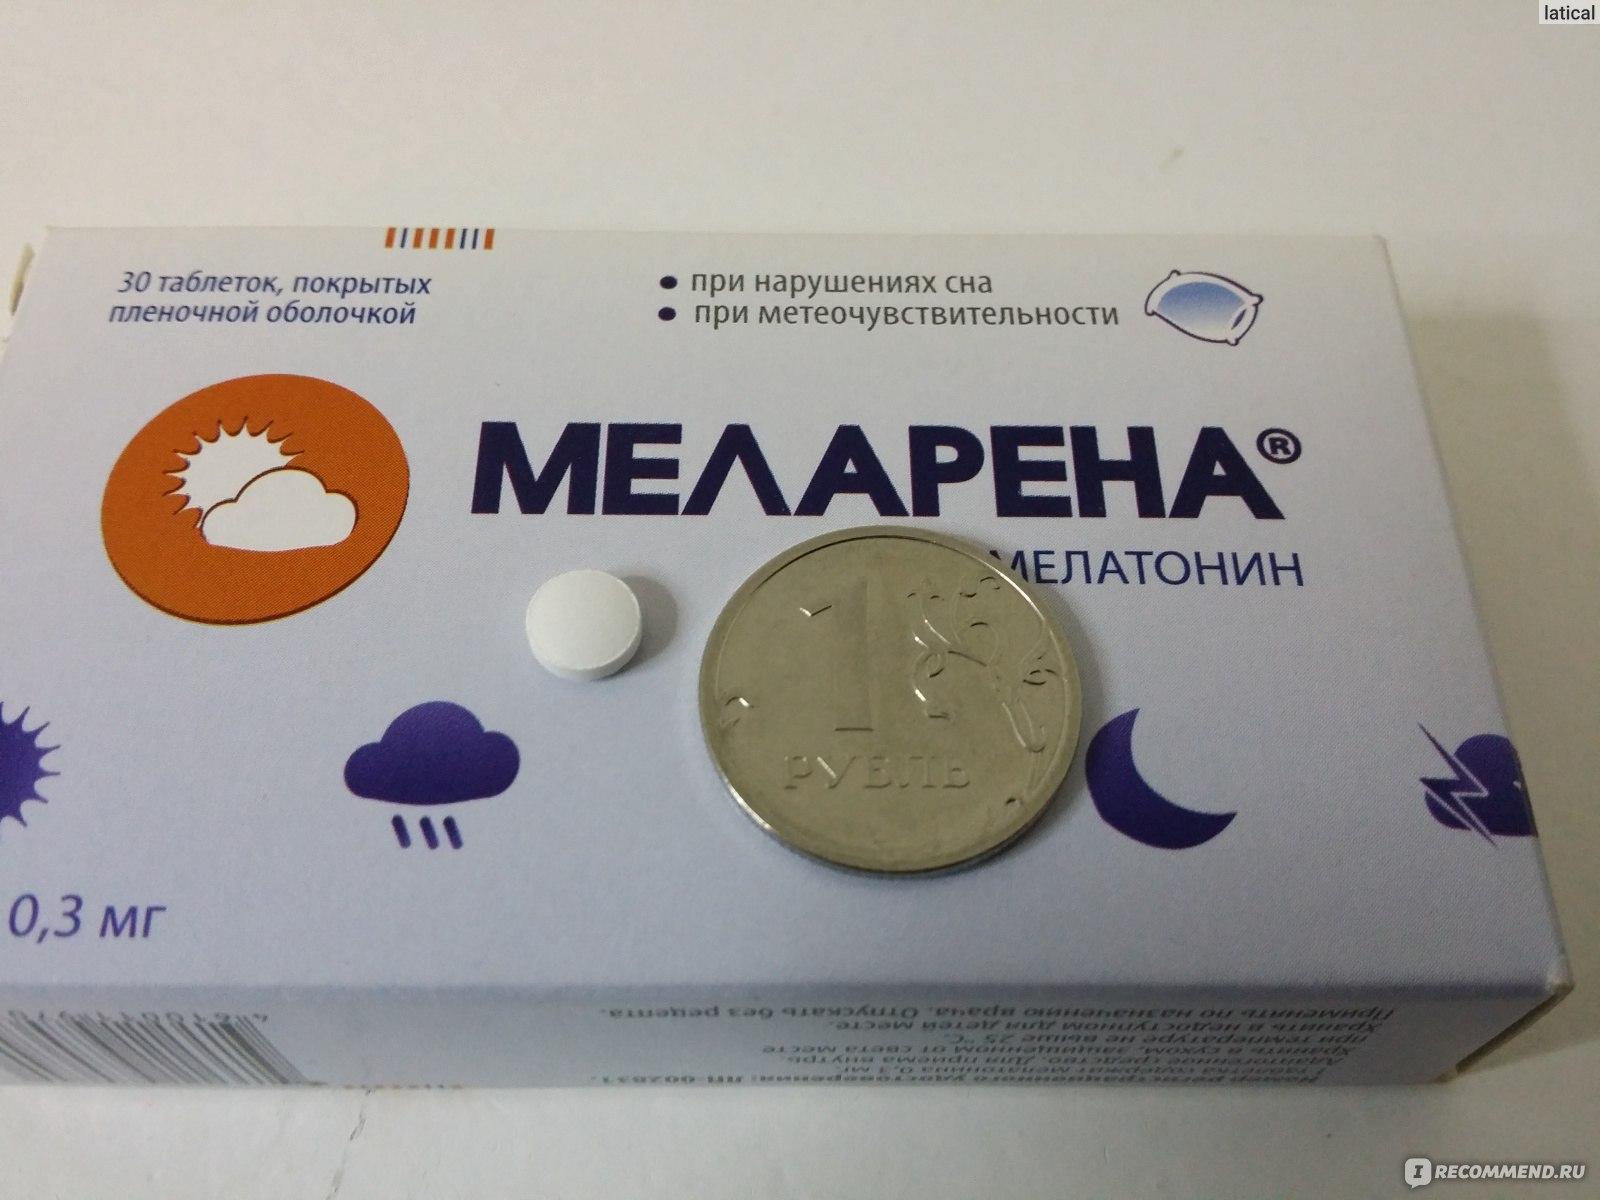 Таблетки от сна название